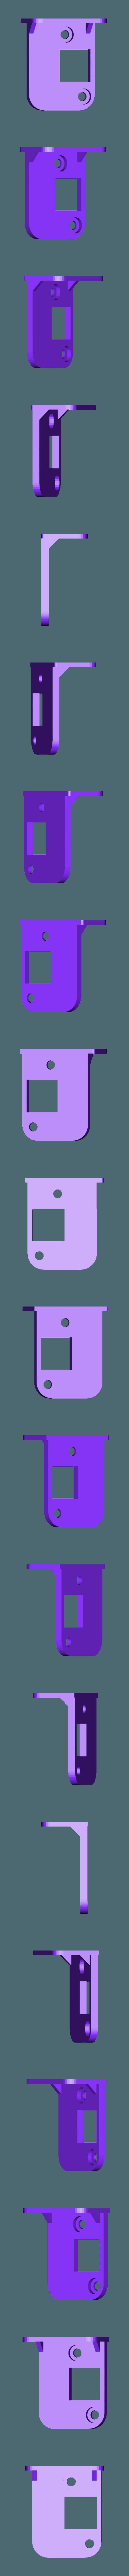 DFR_servo.stl Download free STL file DFRobot Turtle Robot • 3D printable object, MakersBox